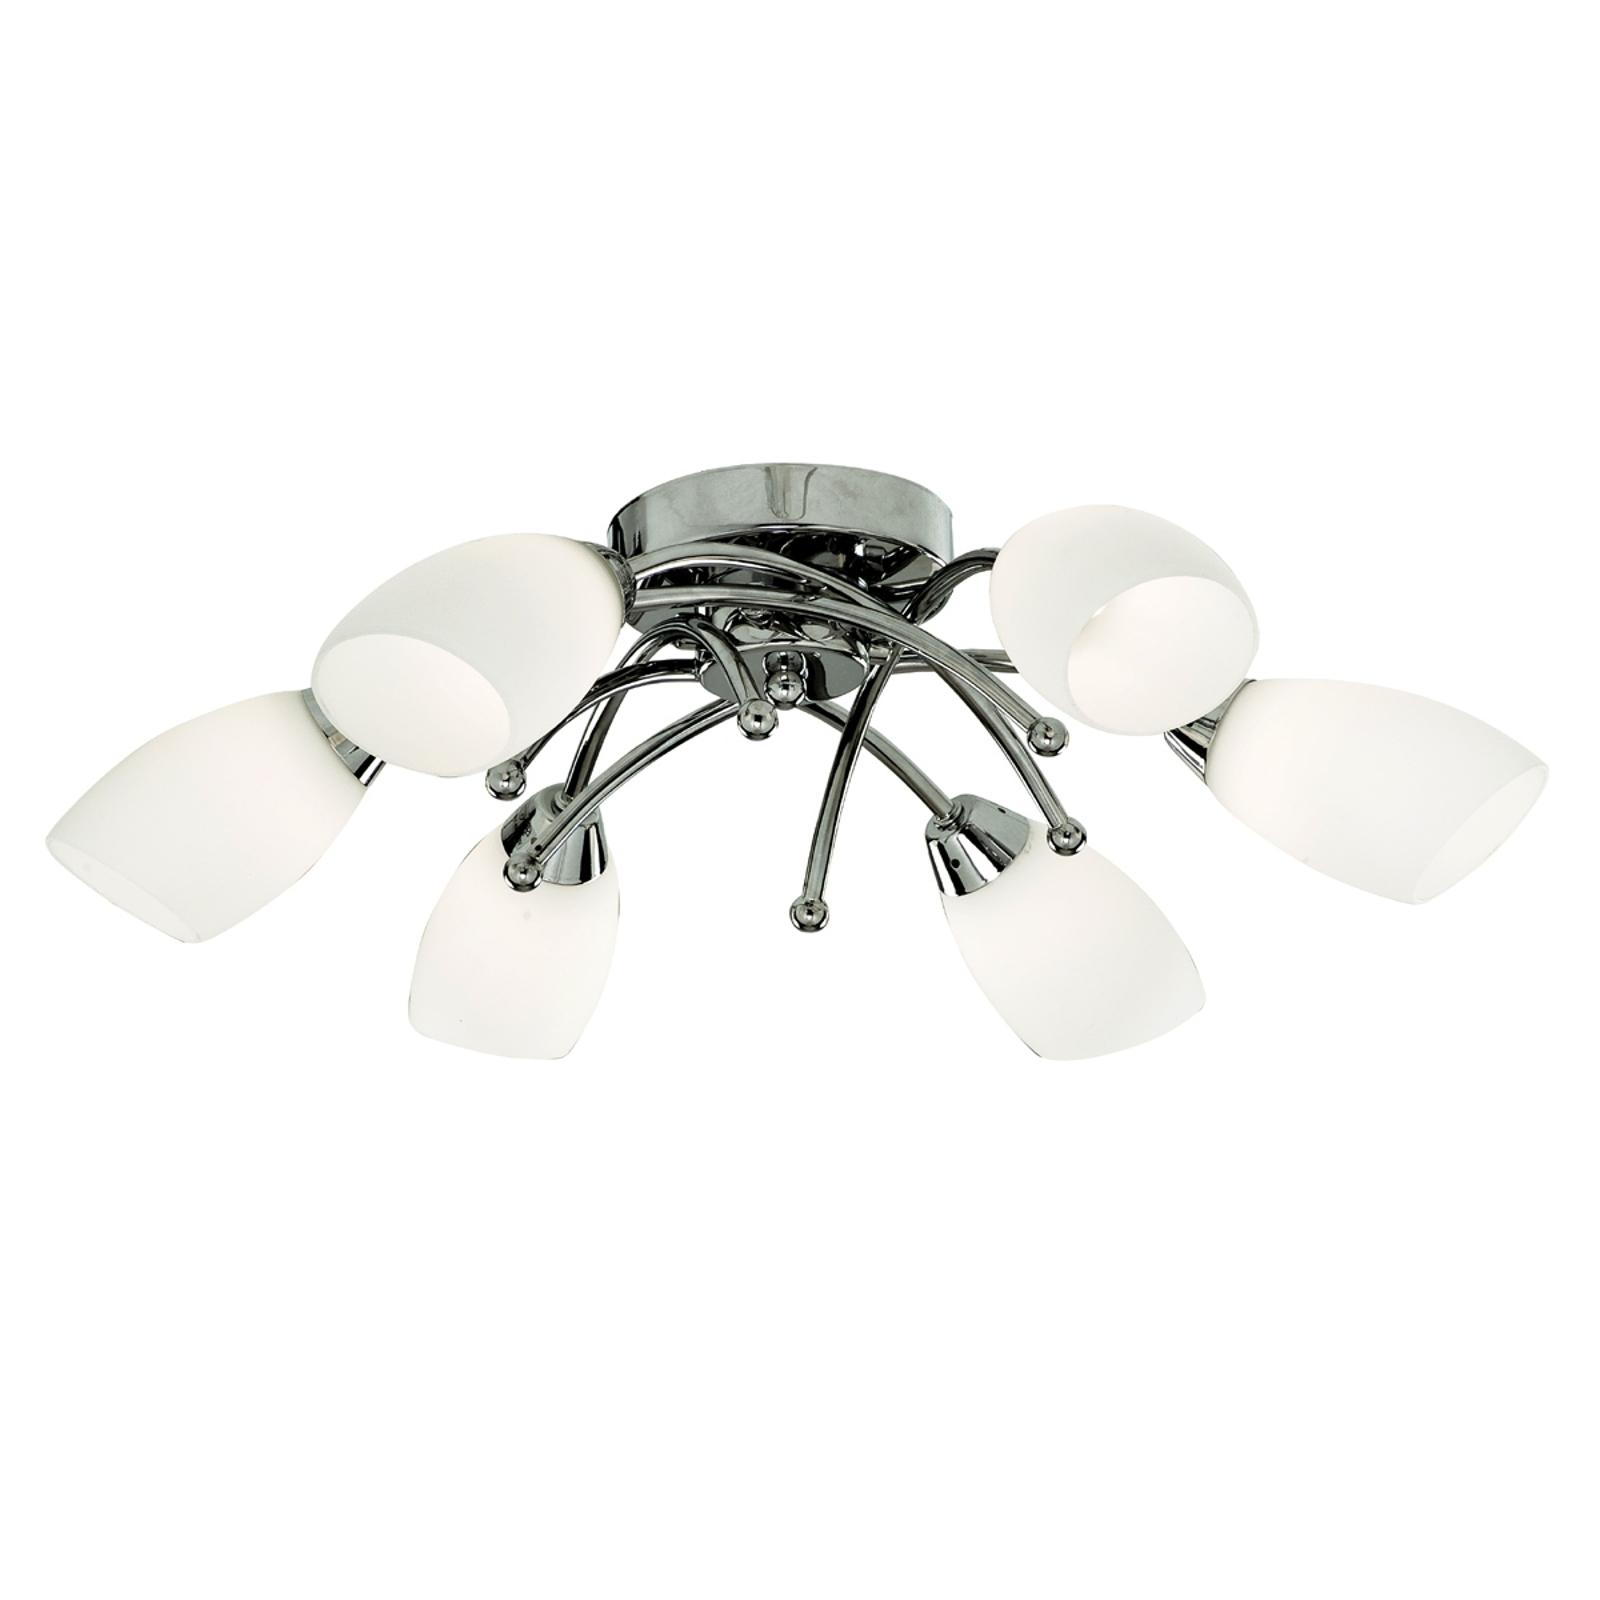 Ihana krominen, 6-lamppuinen OPERA-kattovalaisin